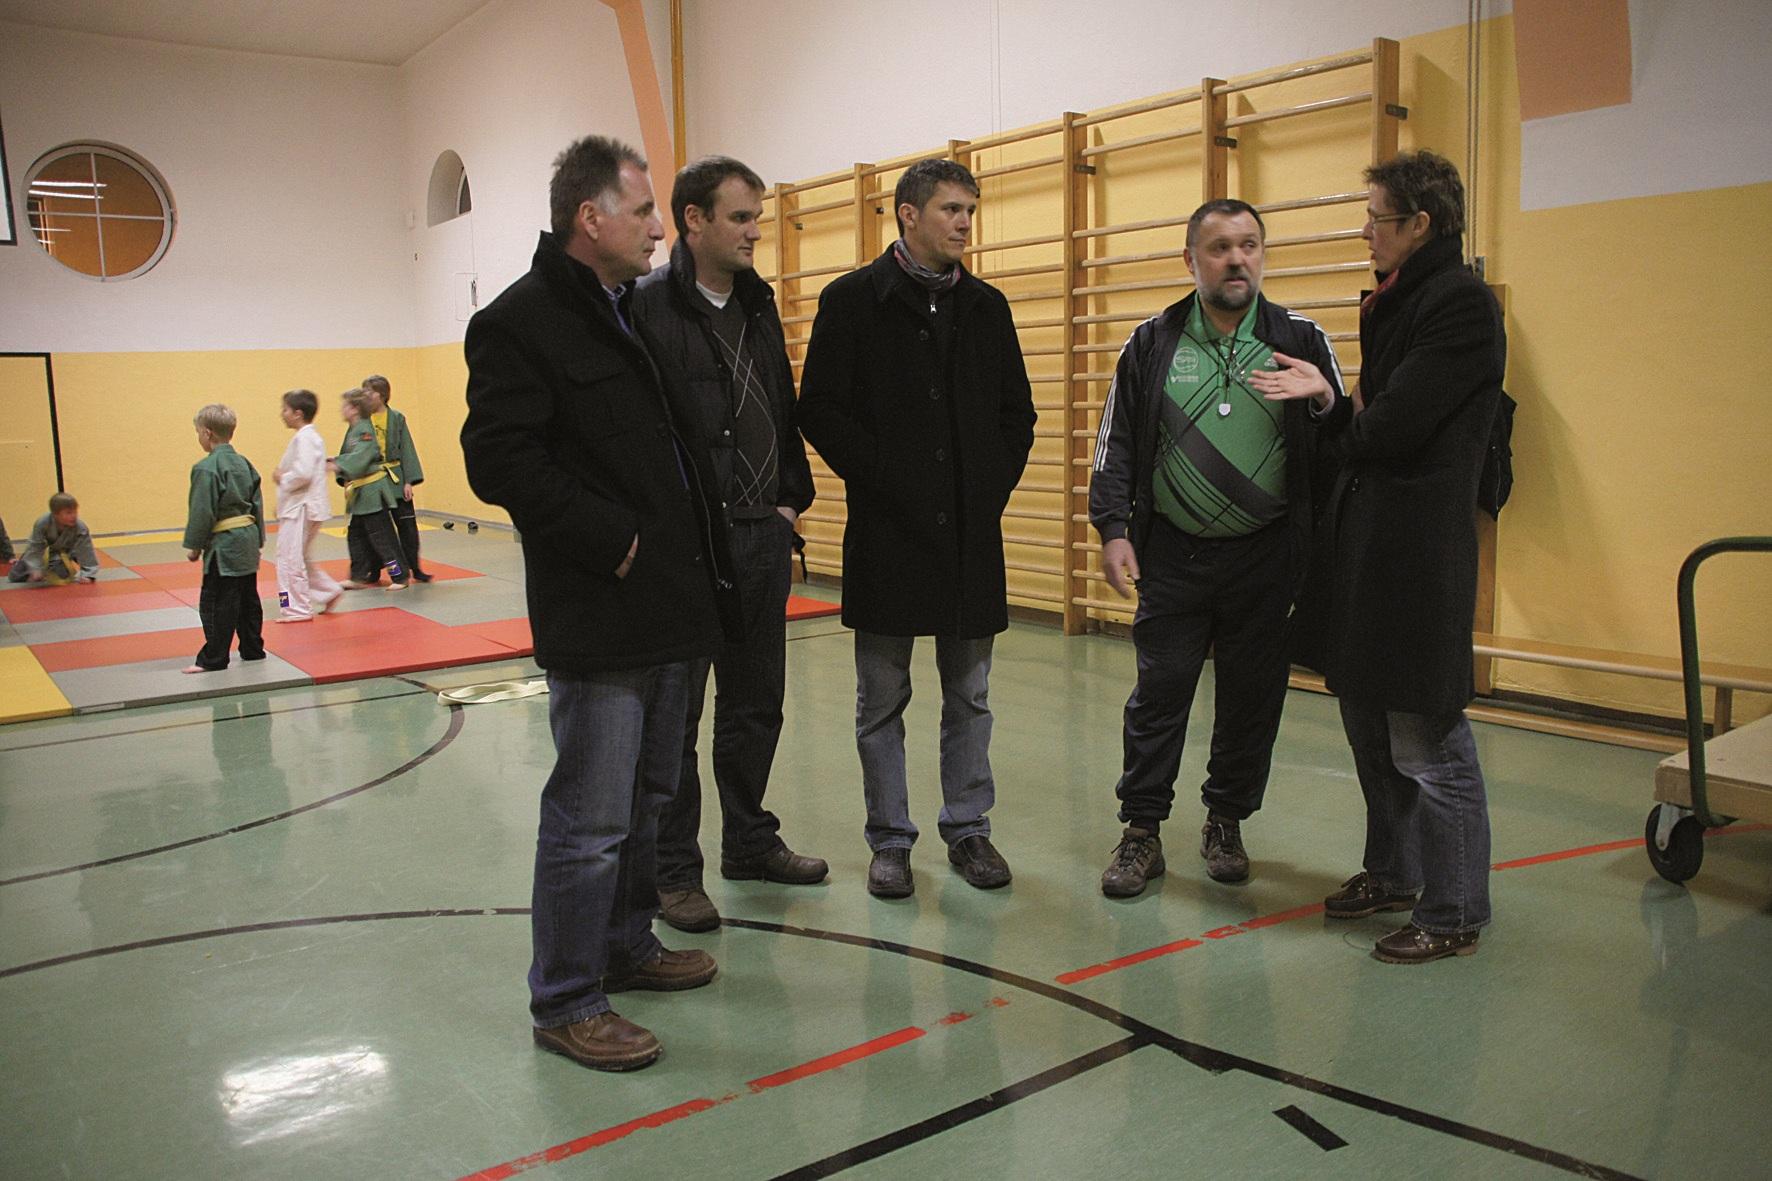 Ebenseer Gemeinderat beschließt Turnsaalsanierung